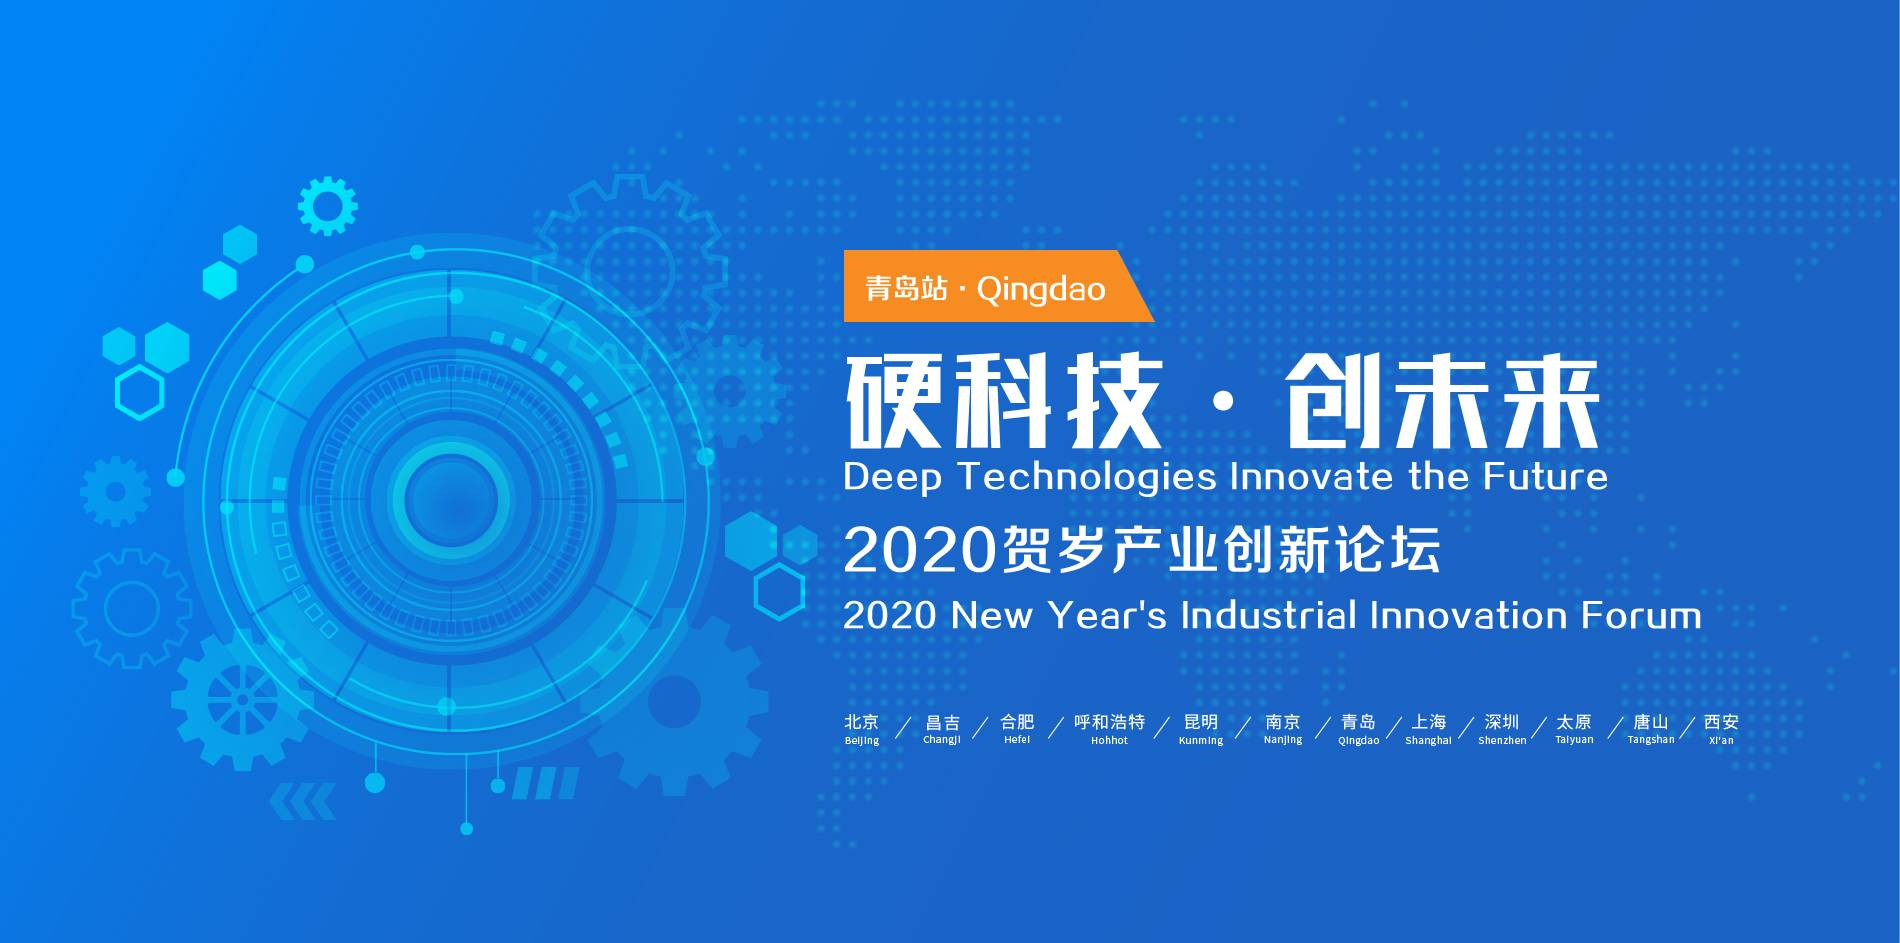 【活动】硬科技·创未来--2020贺岁产业创新论坛·青岛站-亿欧